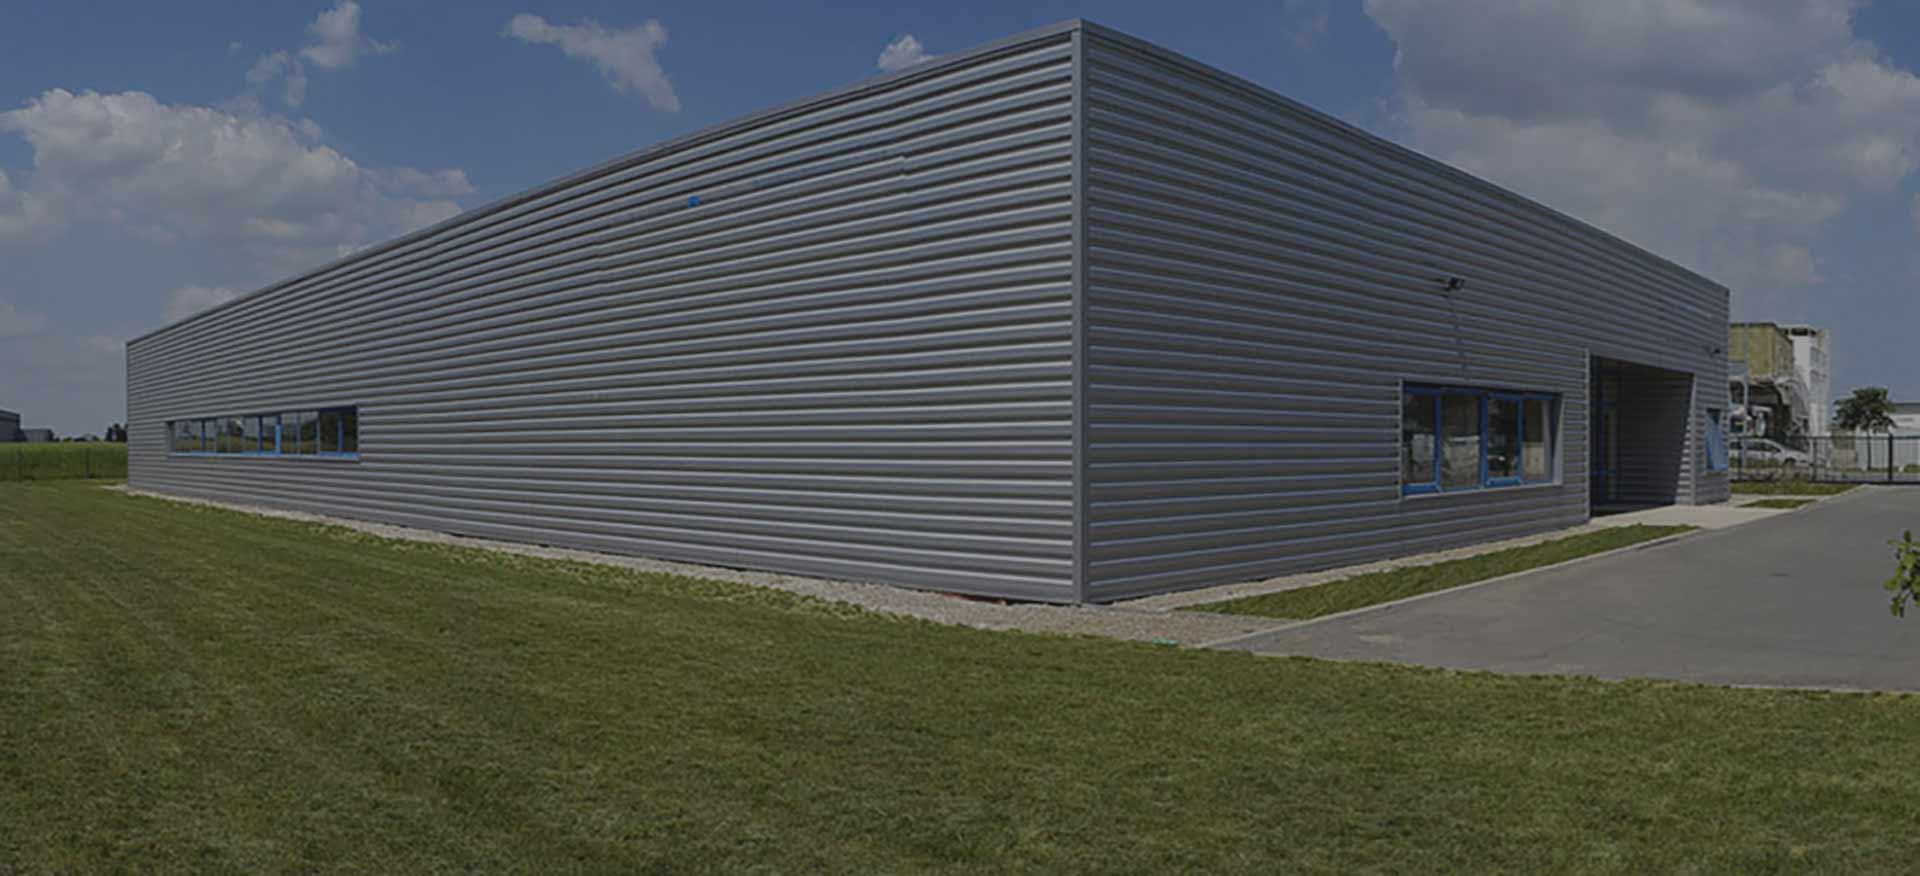 MJP Bardage : votre spécialiste de l'enveloppe du bâtiment